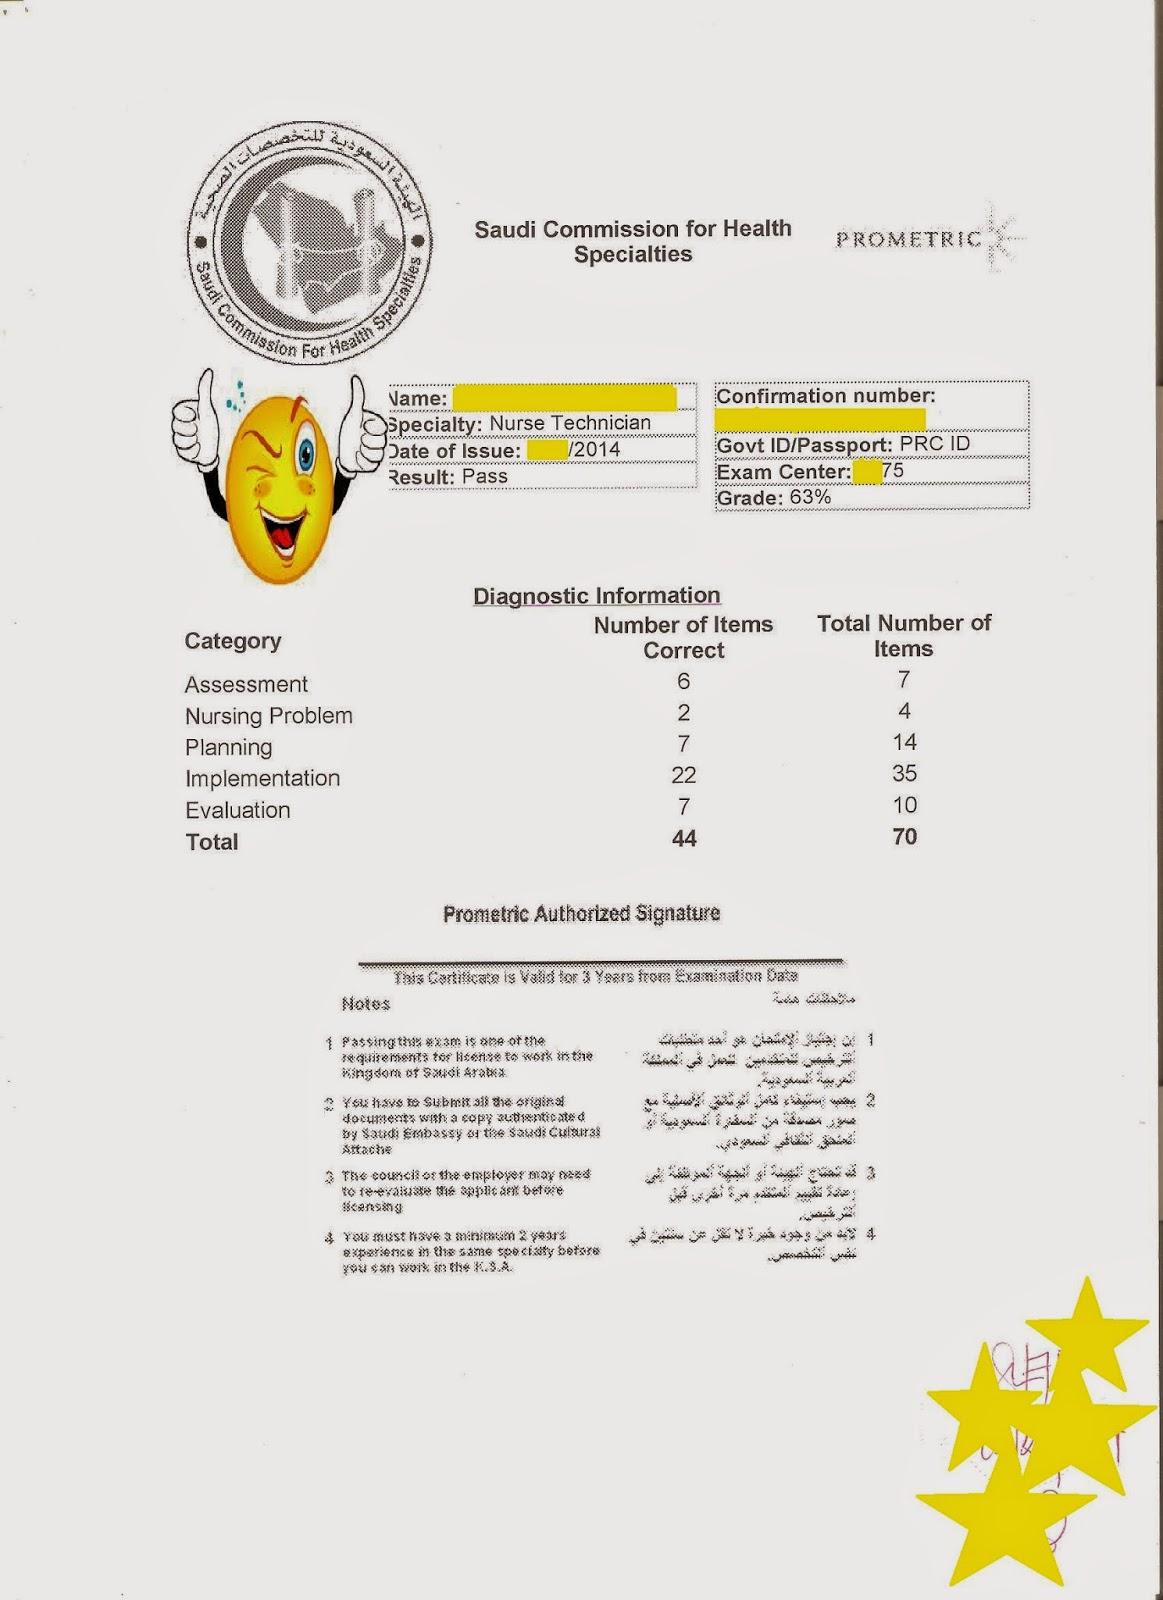 Saudi Council prometric Exam For nurse technician